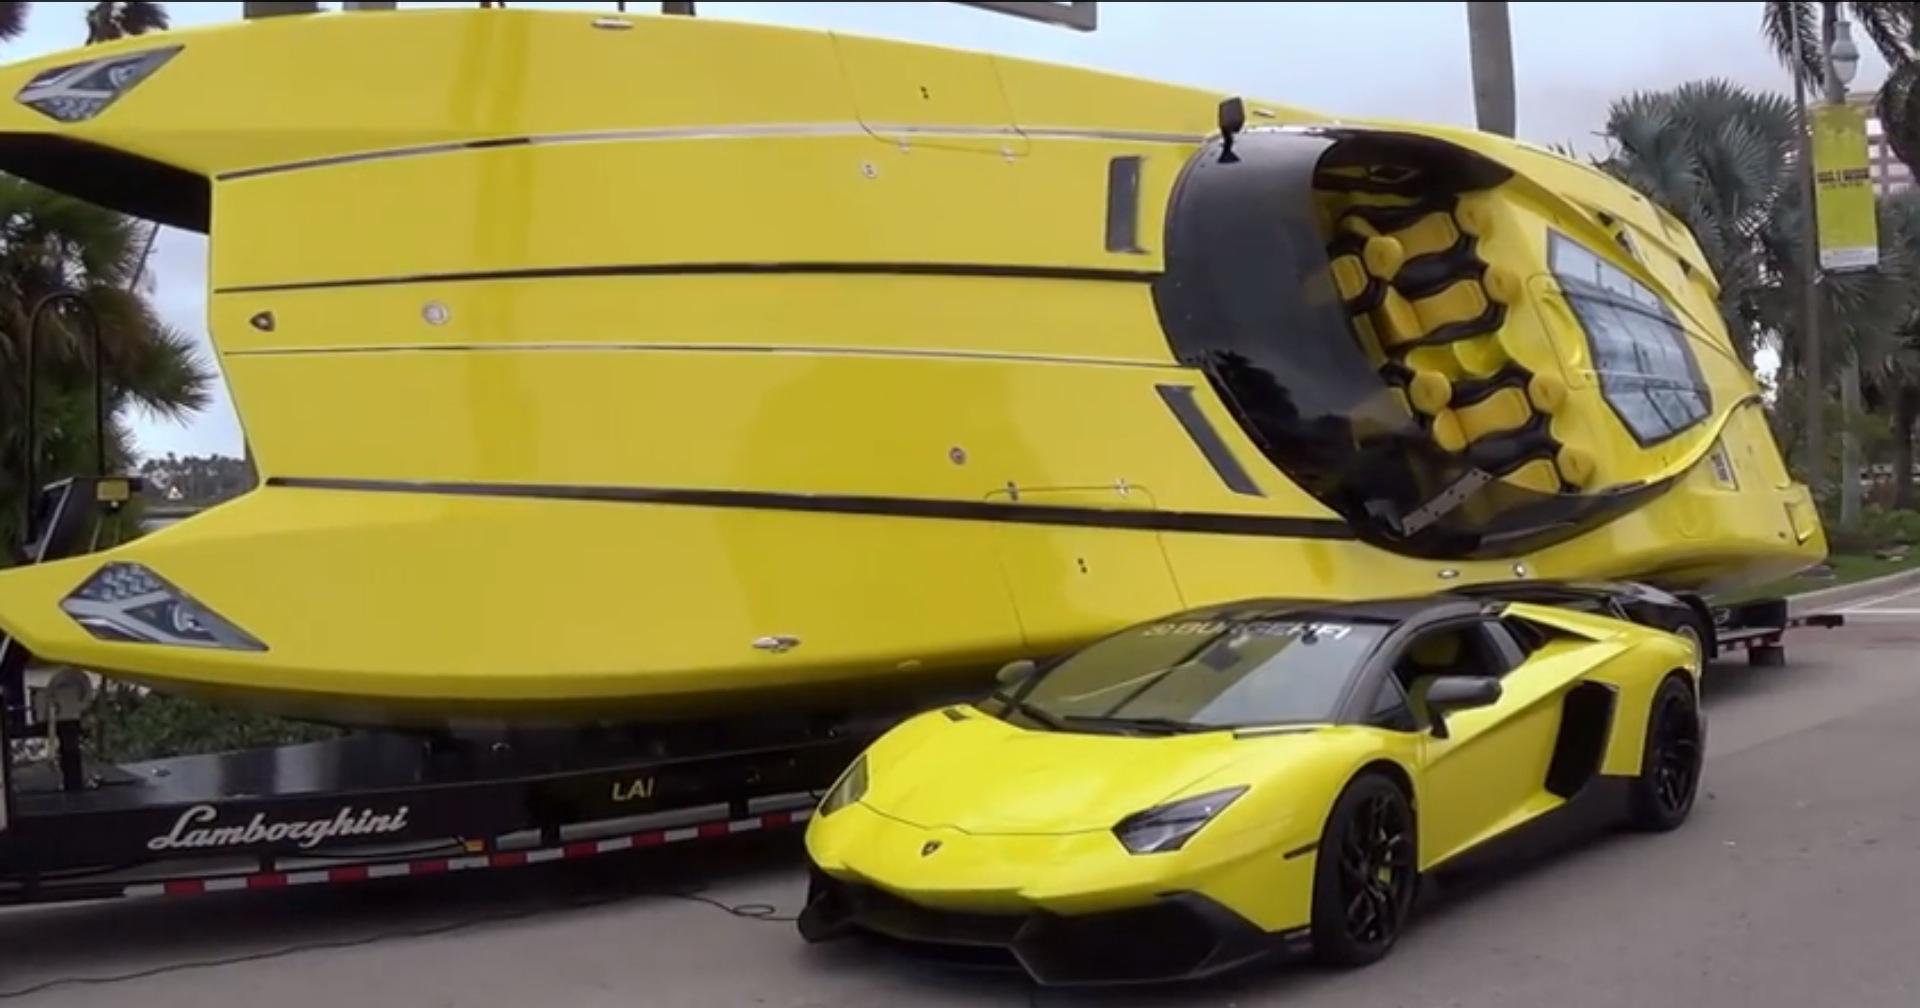 Lamborghini 3 Million >> $1.3 Million Lamborghini Boat Has 2,700 HP and Aventador-Inspired Interior - autoevolution